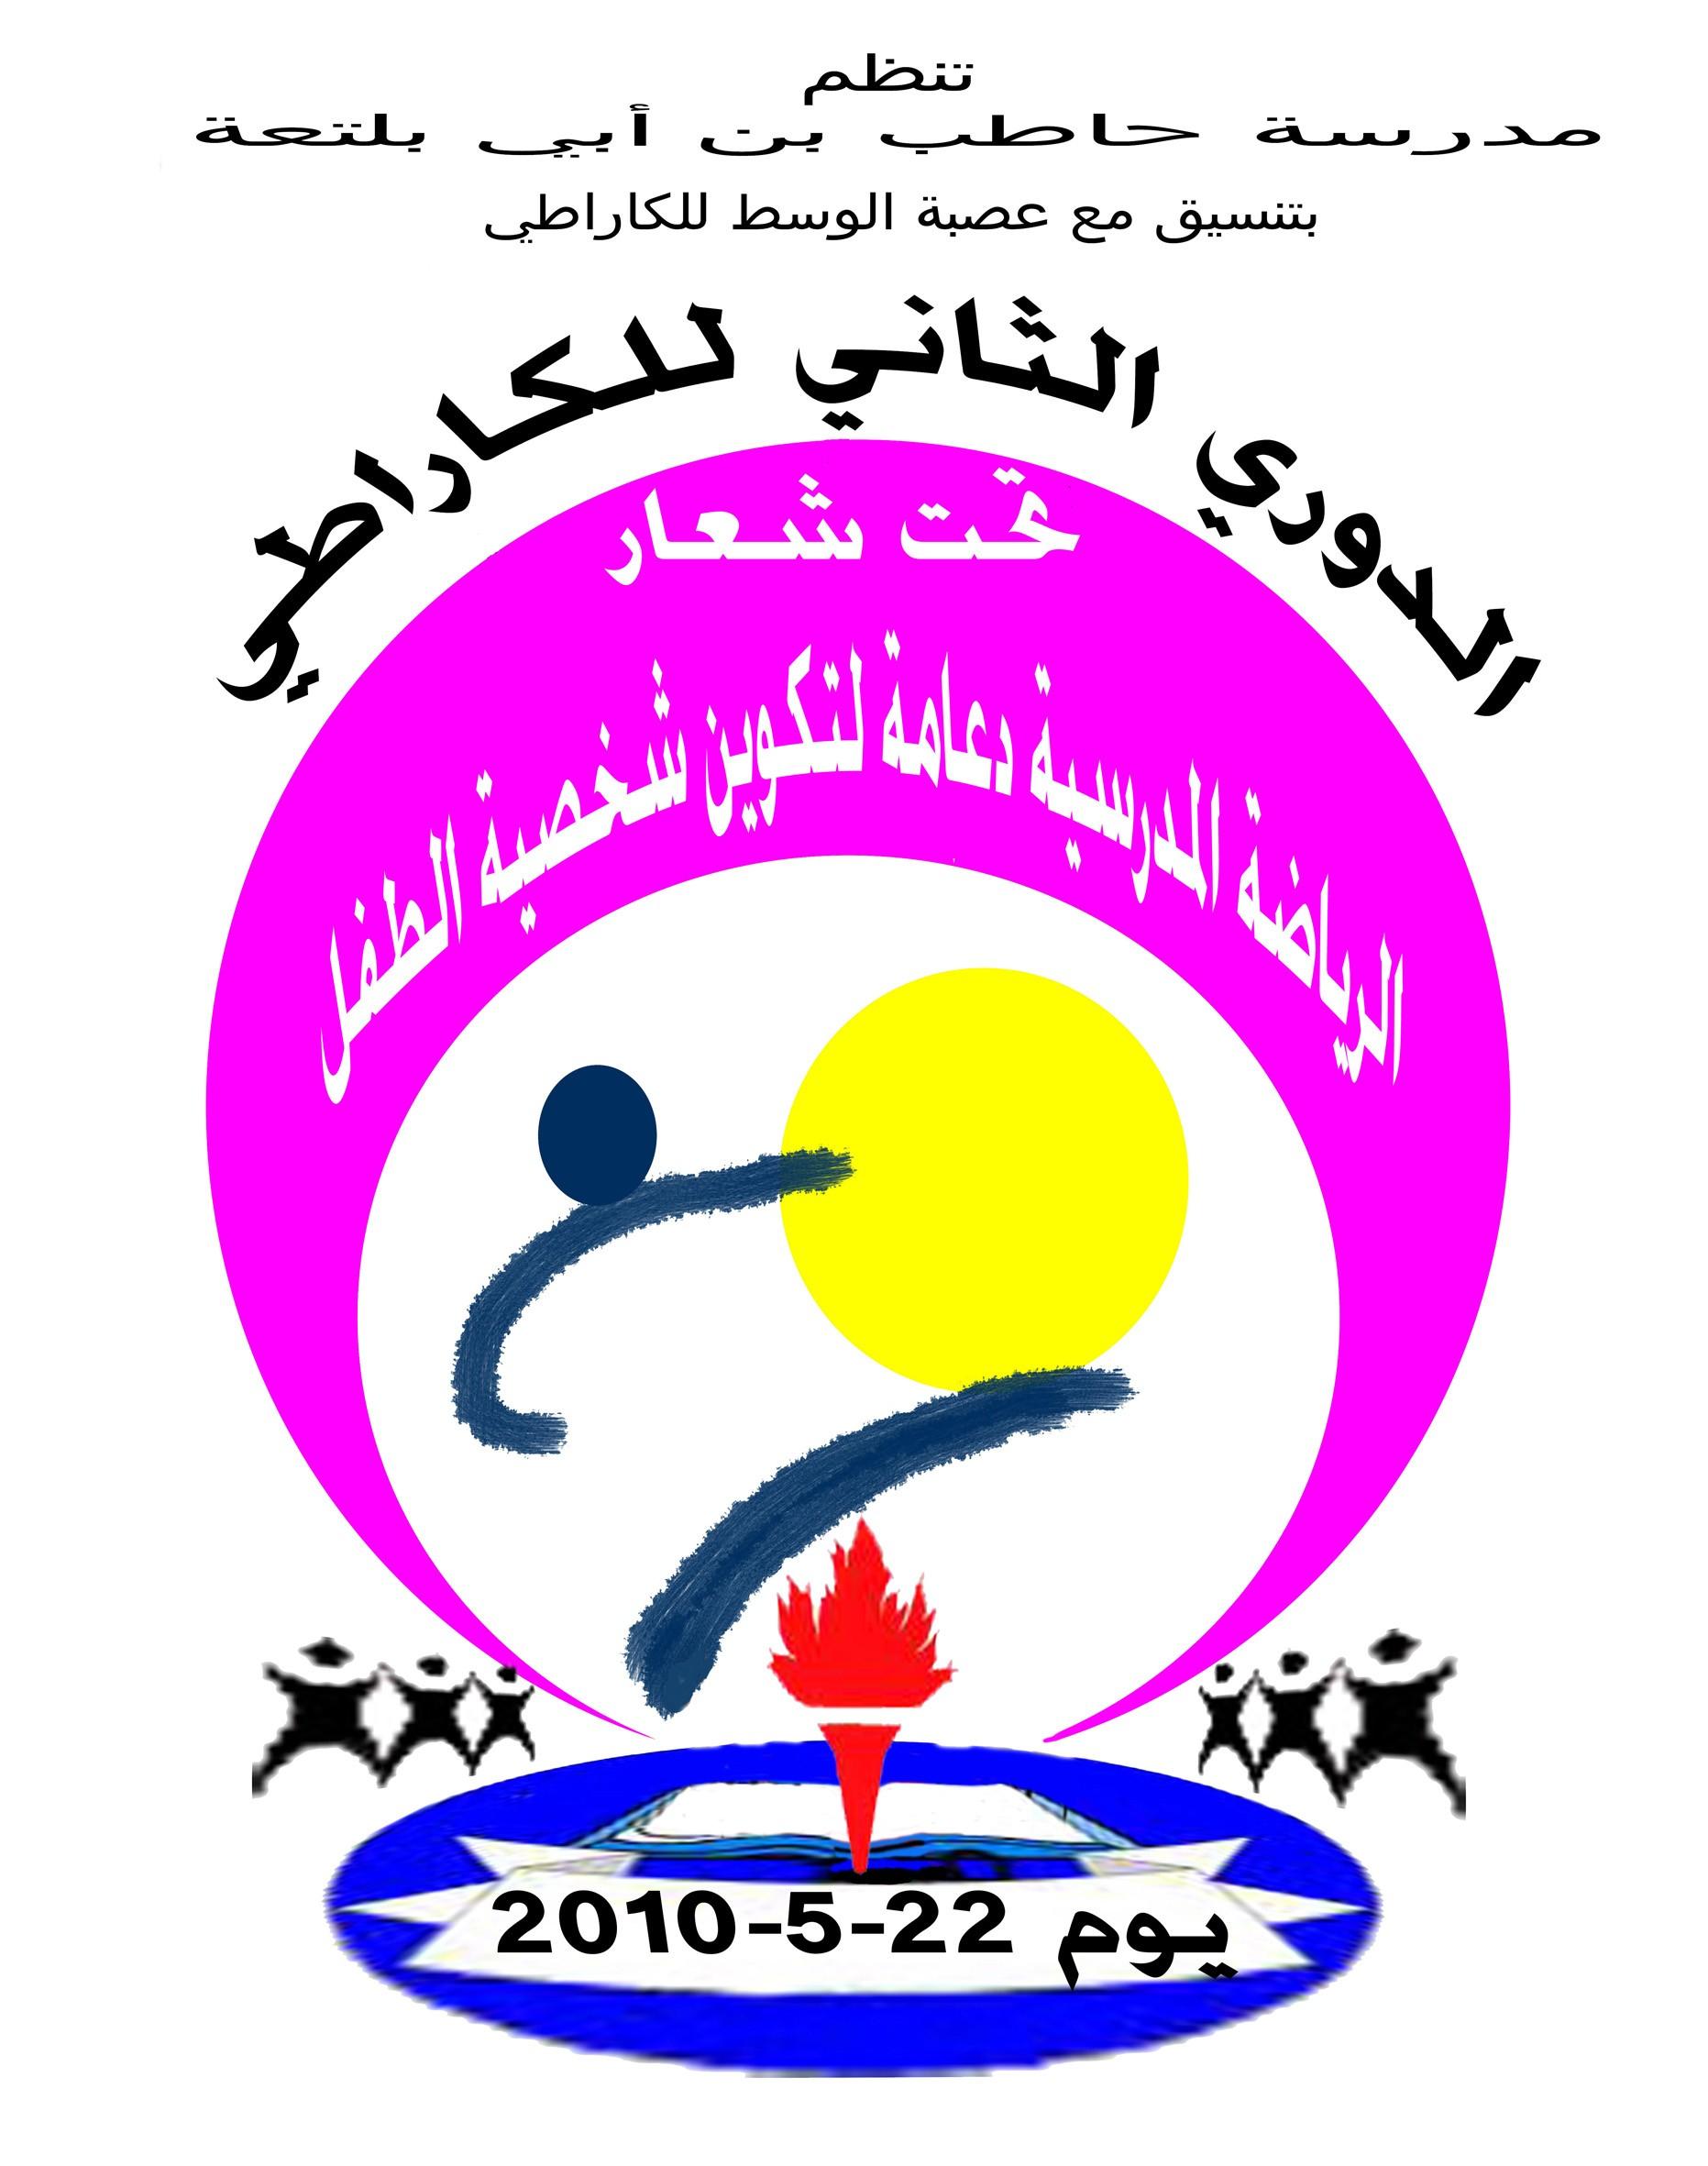 logo d'une competition à l'ecole